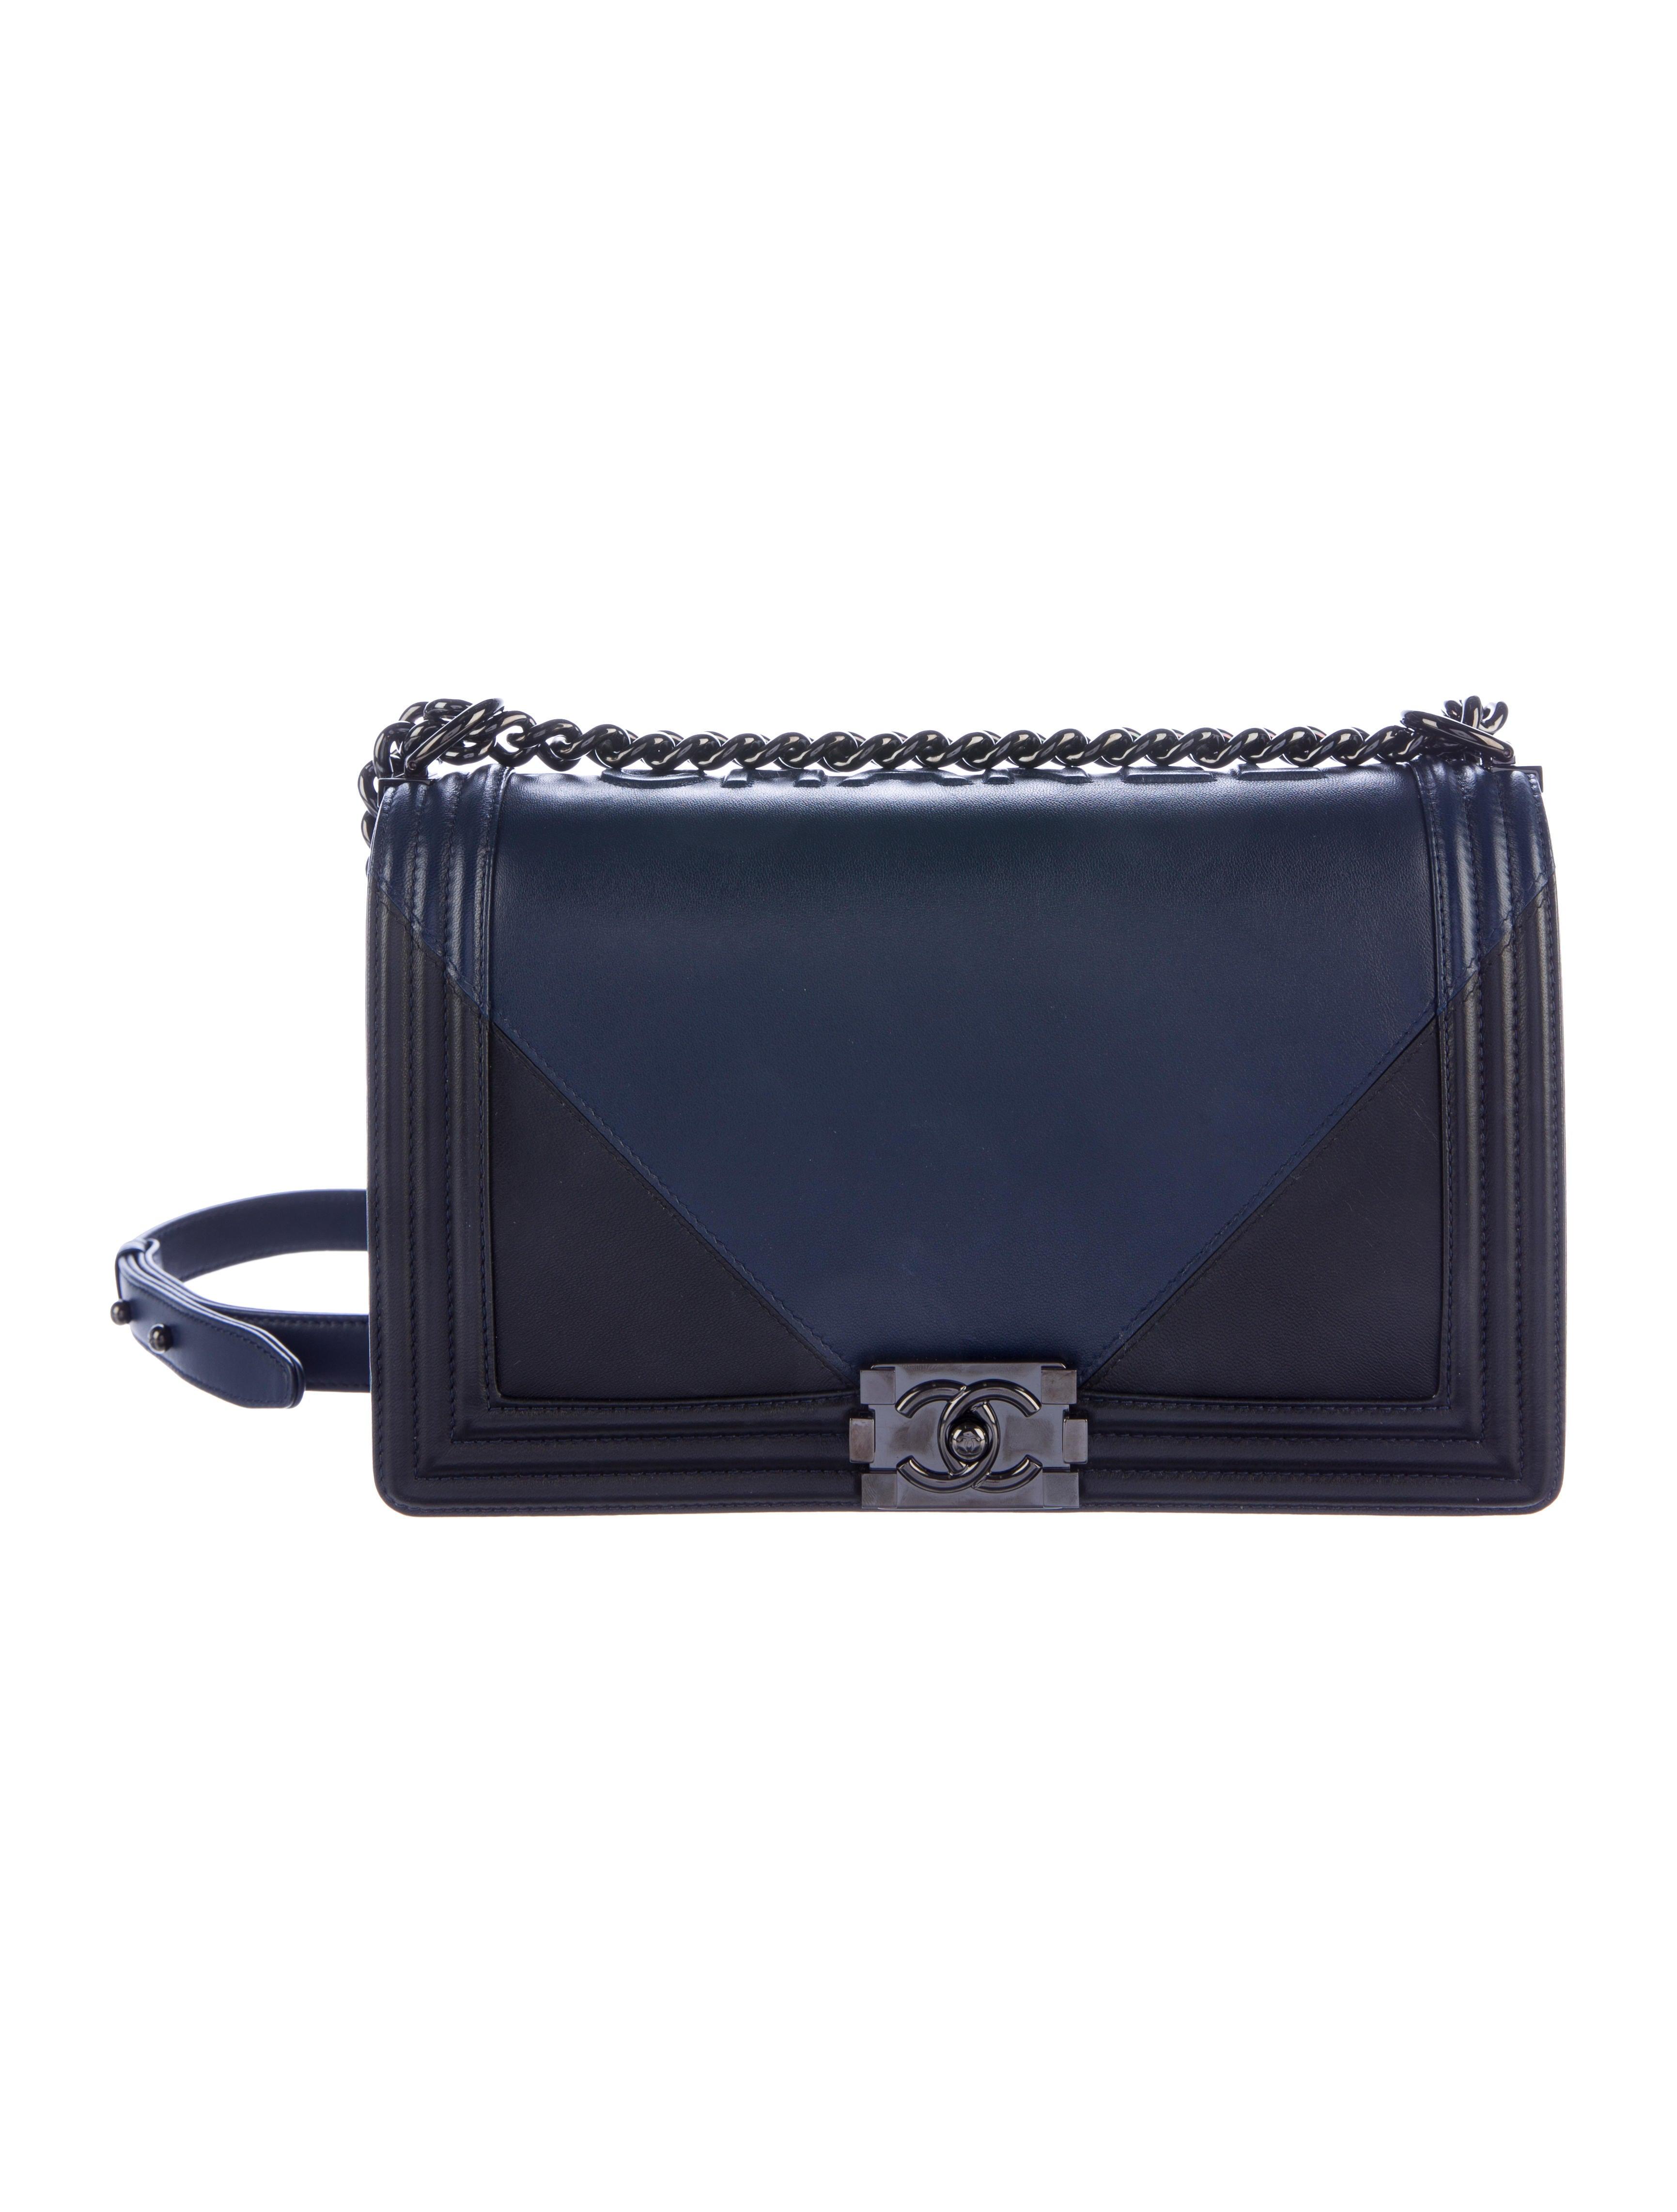 Chanel 2017 Medium Plus Boy Bag Handbags CHA